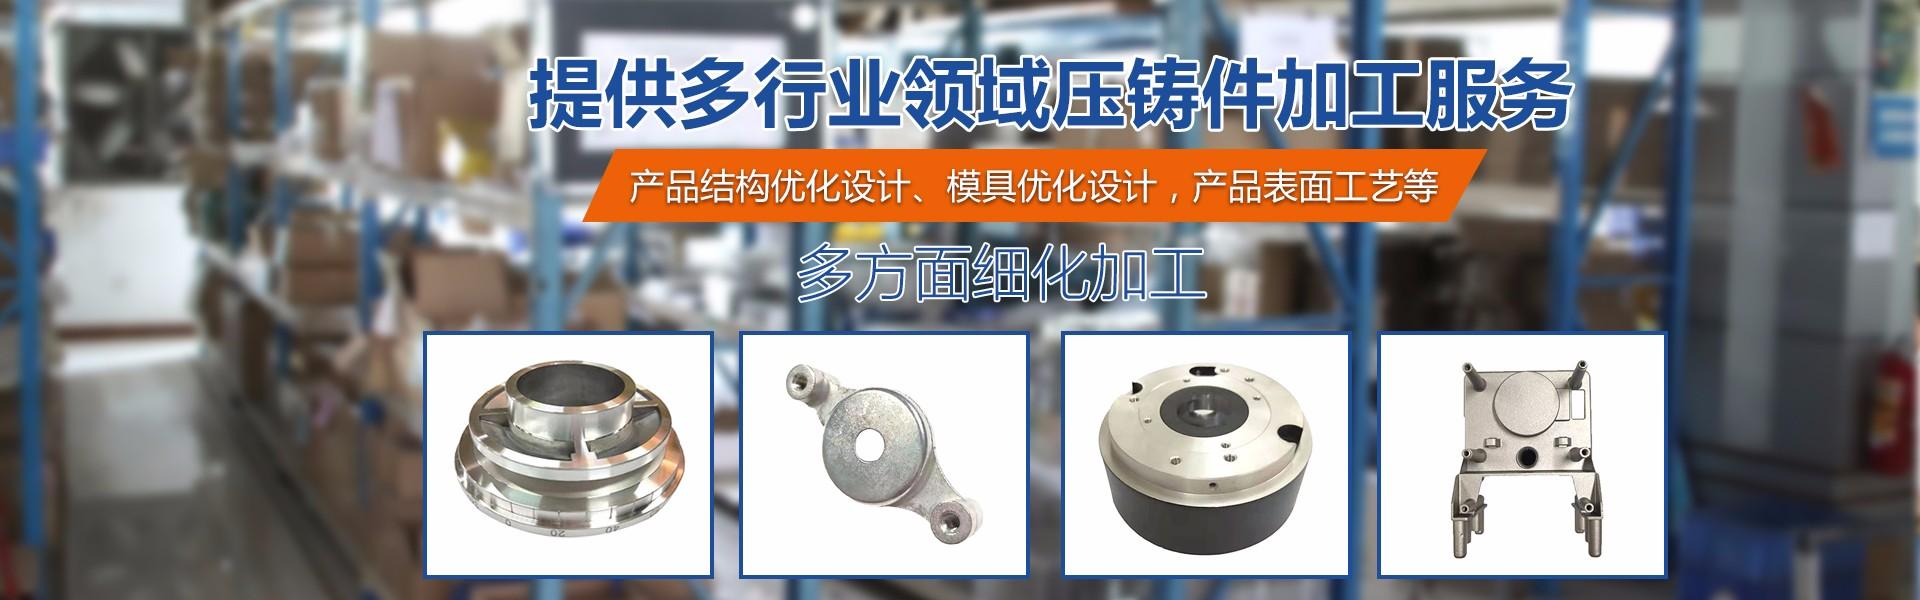 如何解决锌合金压铸件起泡问题